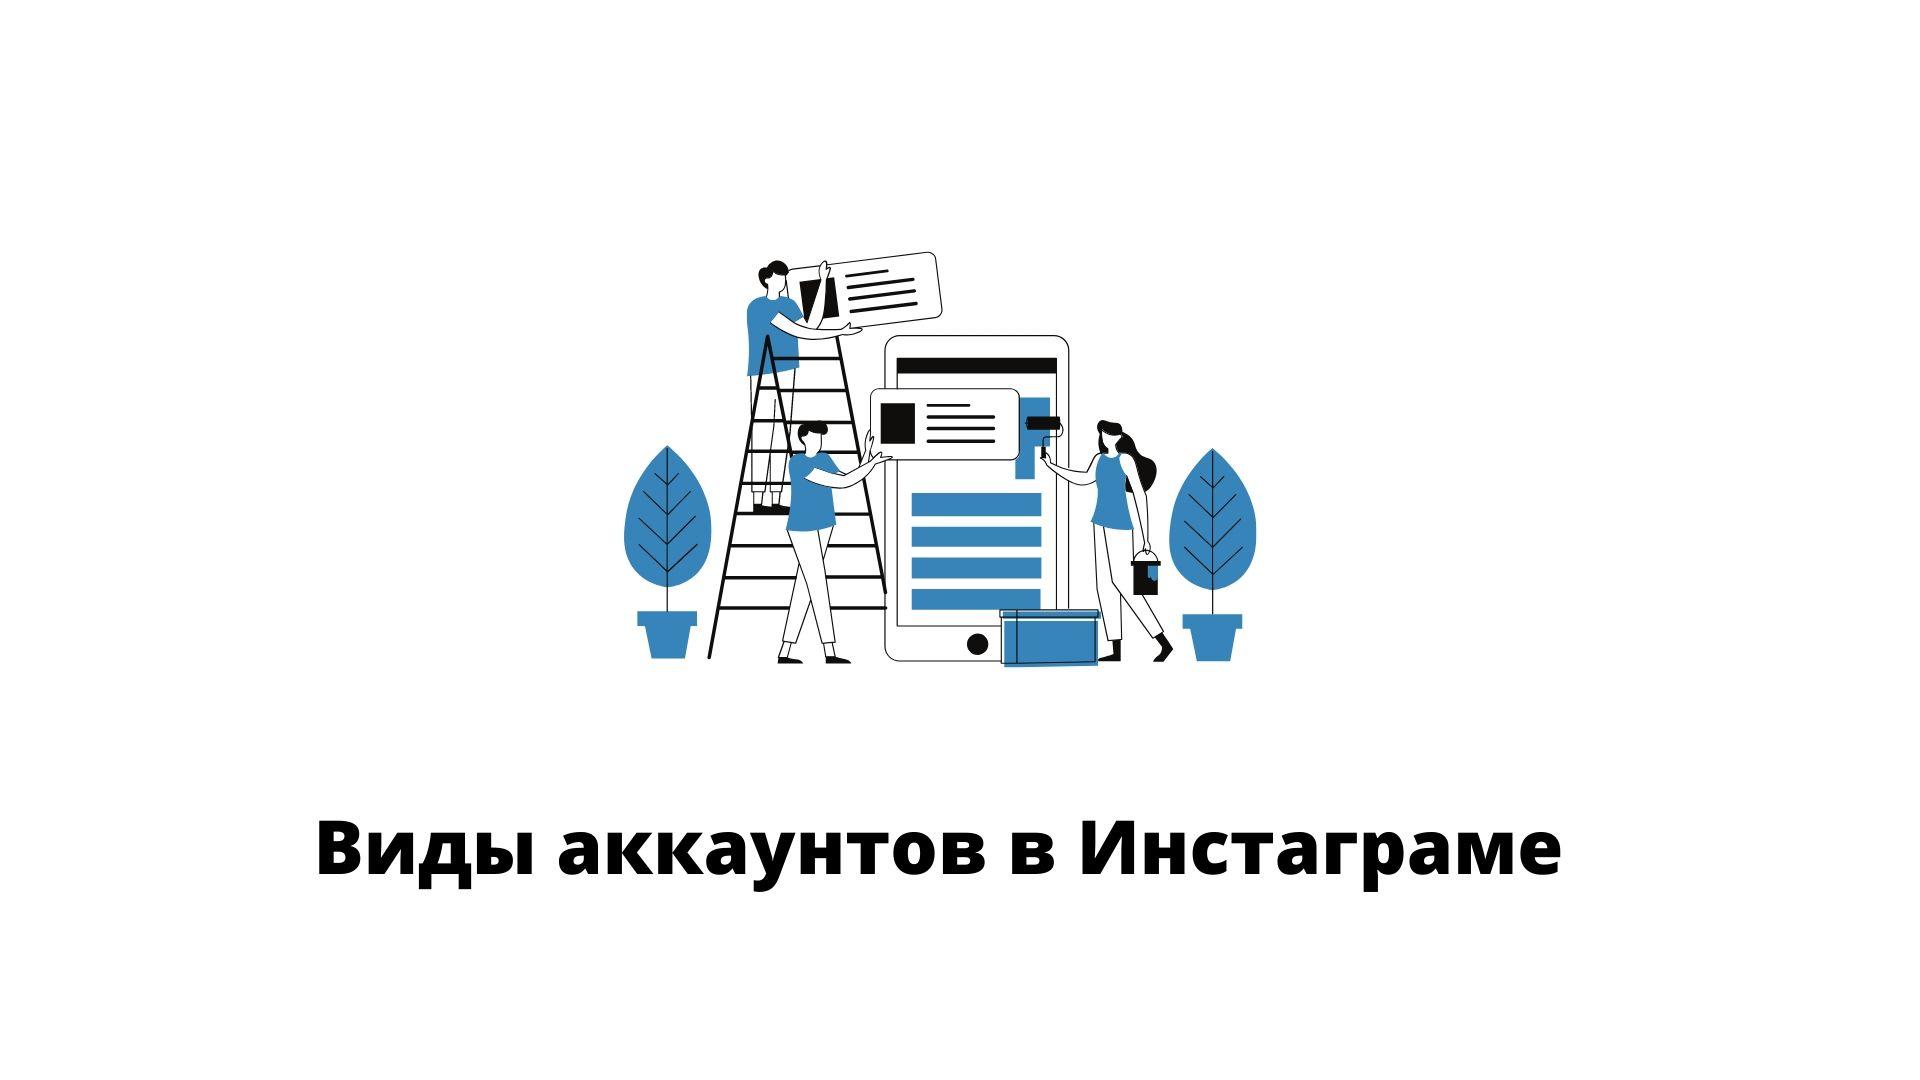 razbiraemsya-chto-takoe-akkaunt-avtora-v-instagram1.jpg